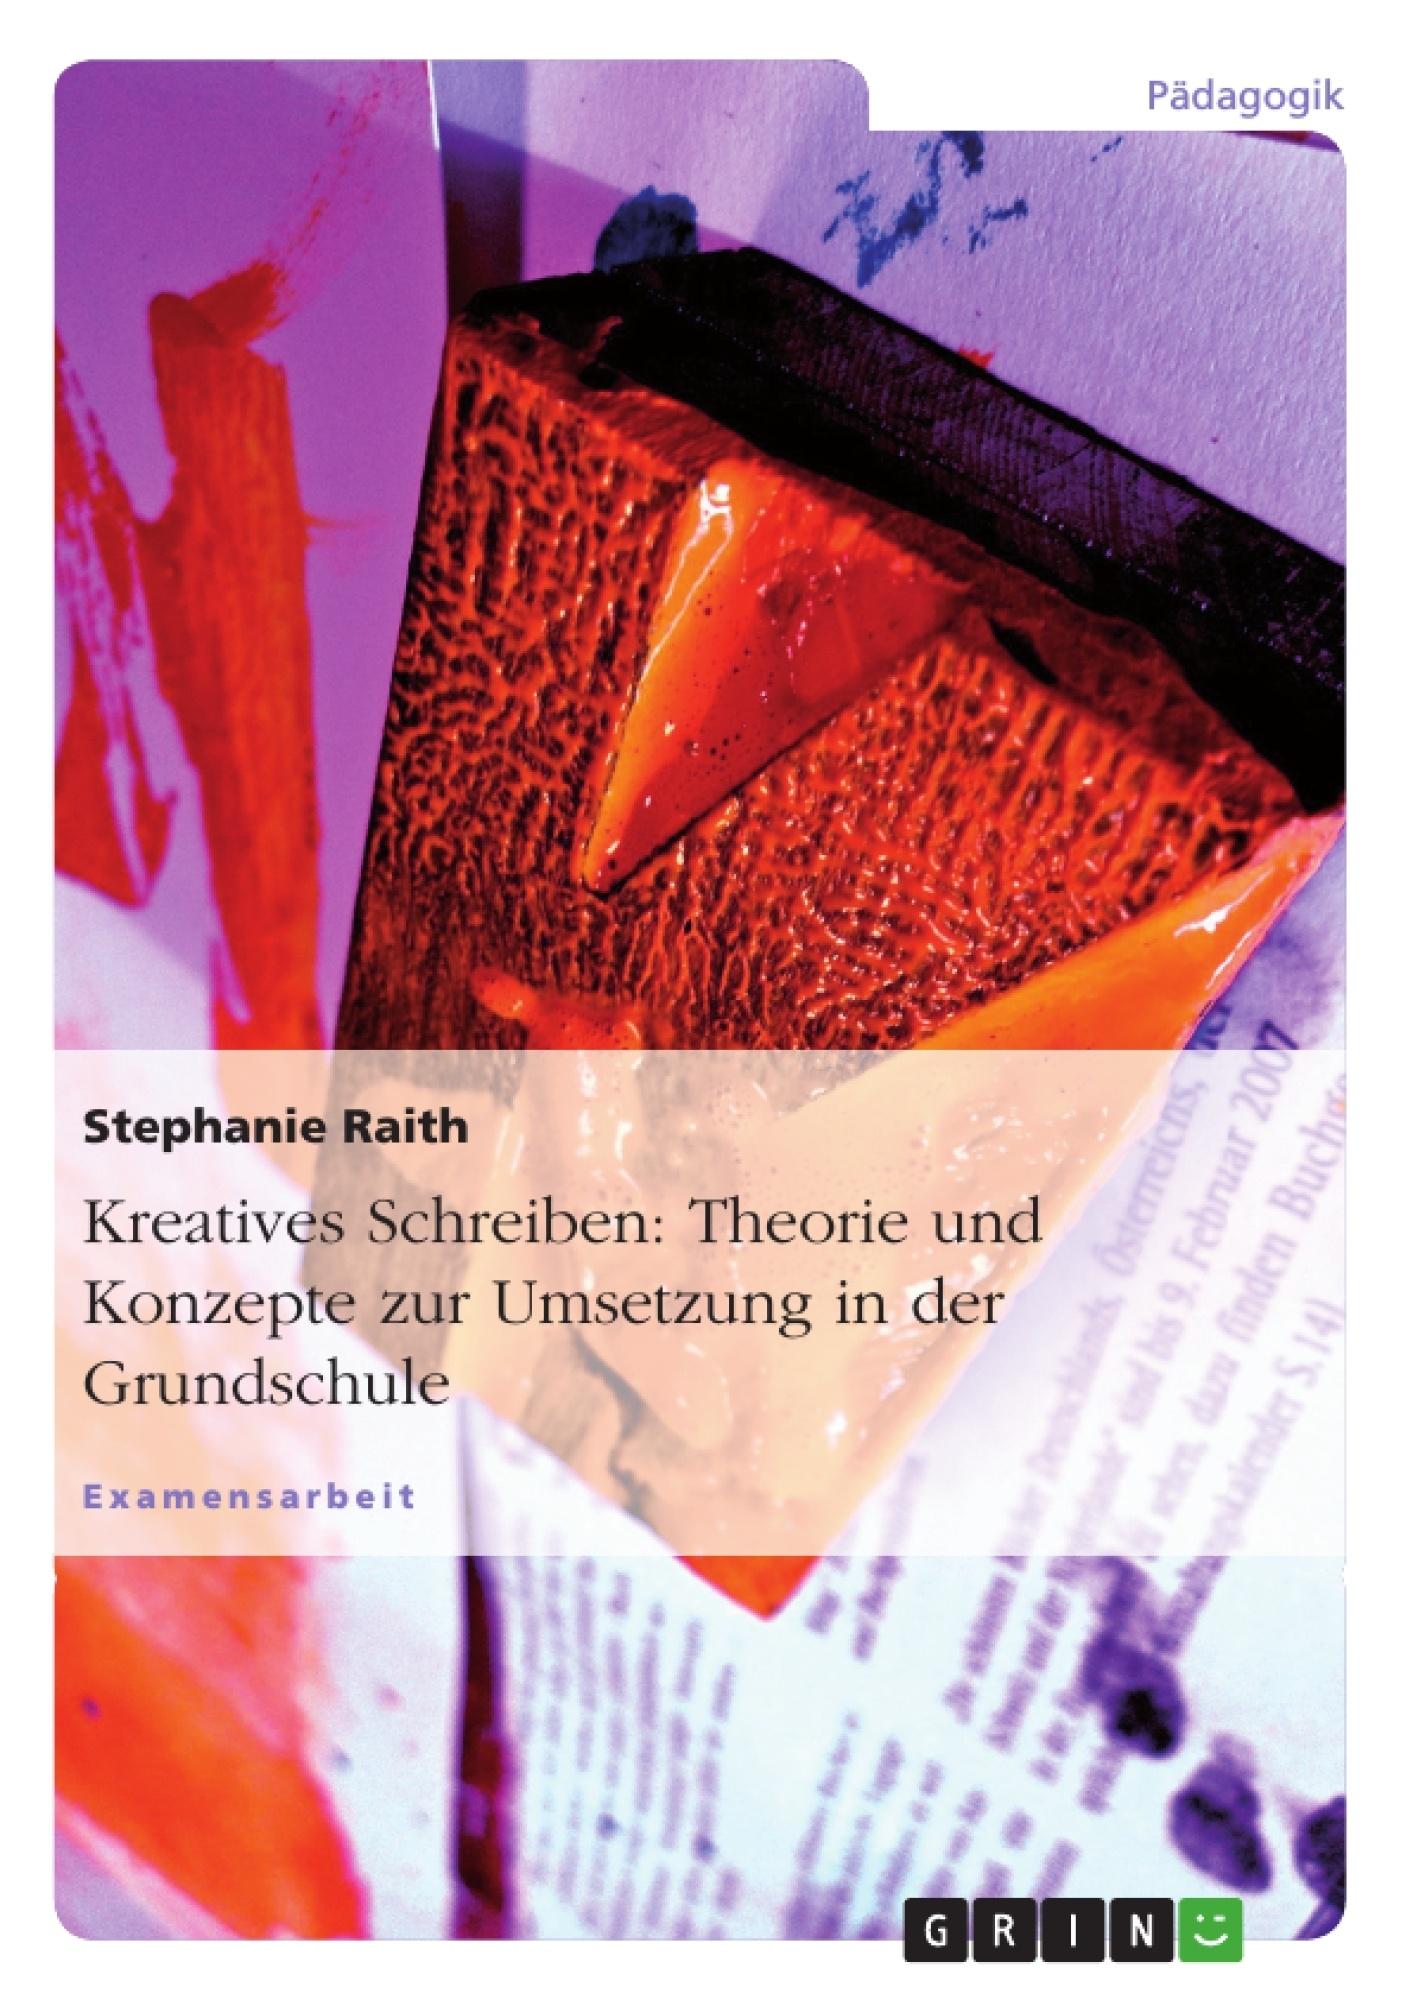 Titel: Kreatives Schreiben: Theorie und Konzepte zur Umsetzung in der Grundschule